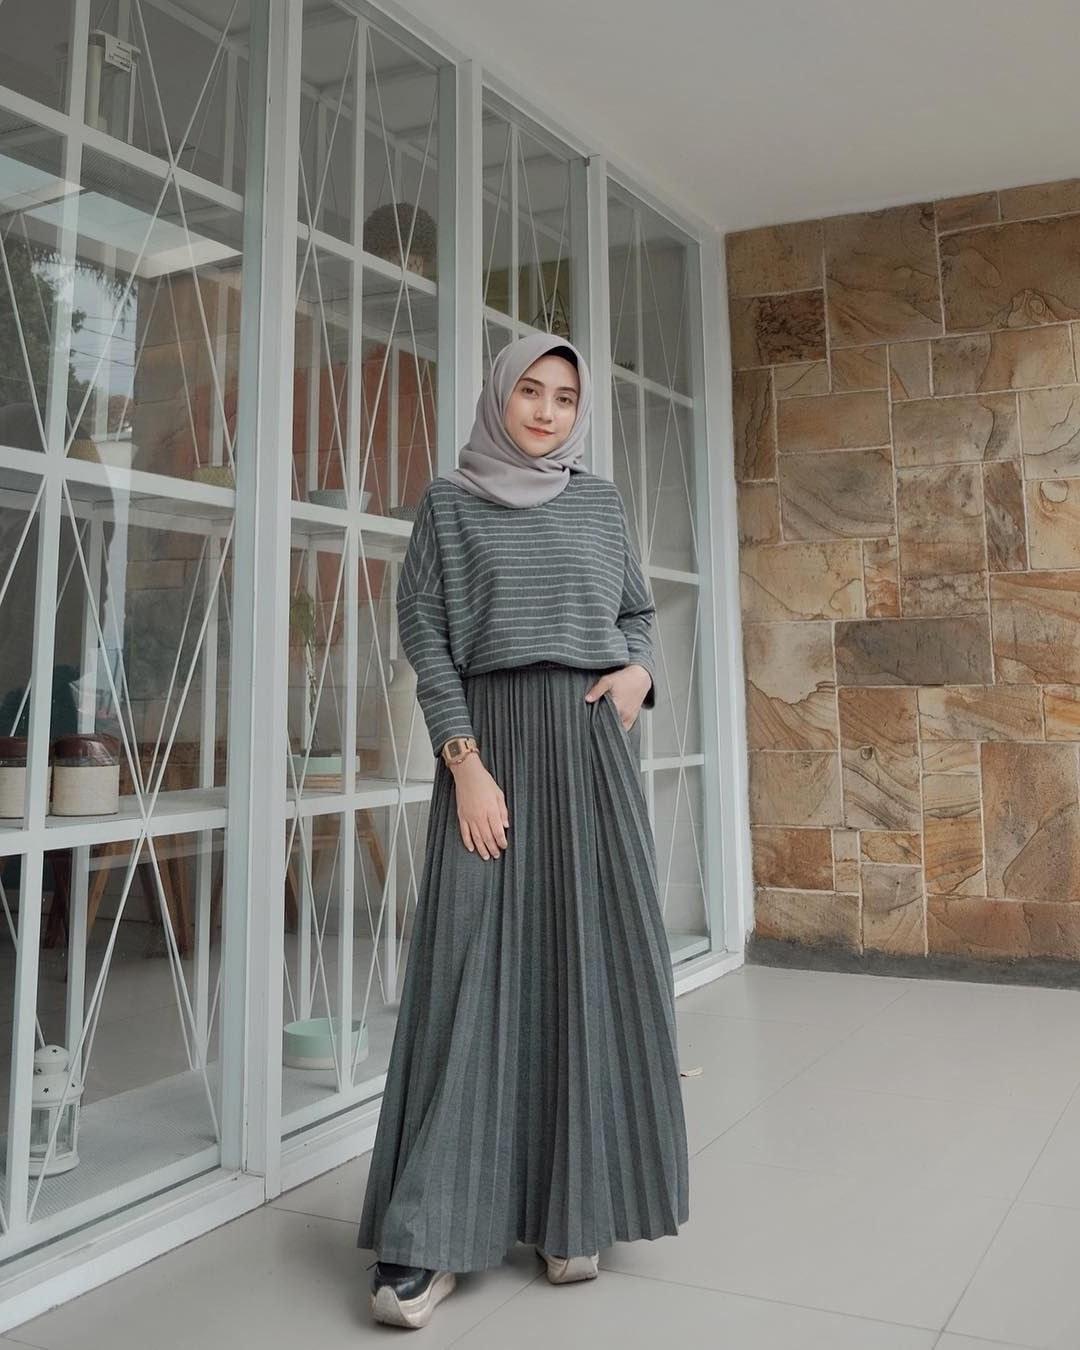 Model Referensi Baju Lebaran 2019 Fmdf Baju Muslim Lebaran Terbaru 2019 Dengan Gambar